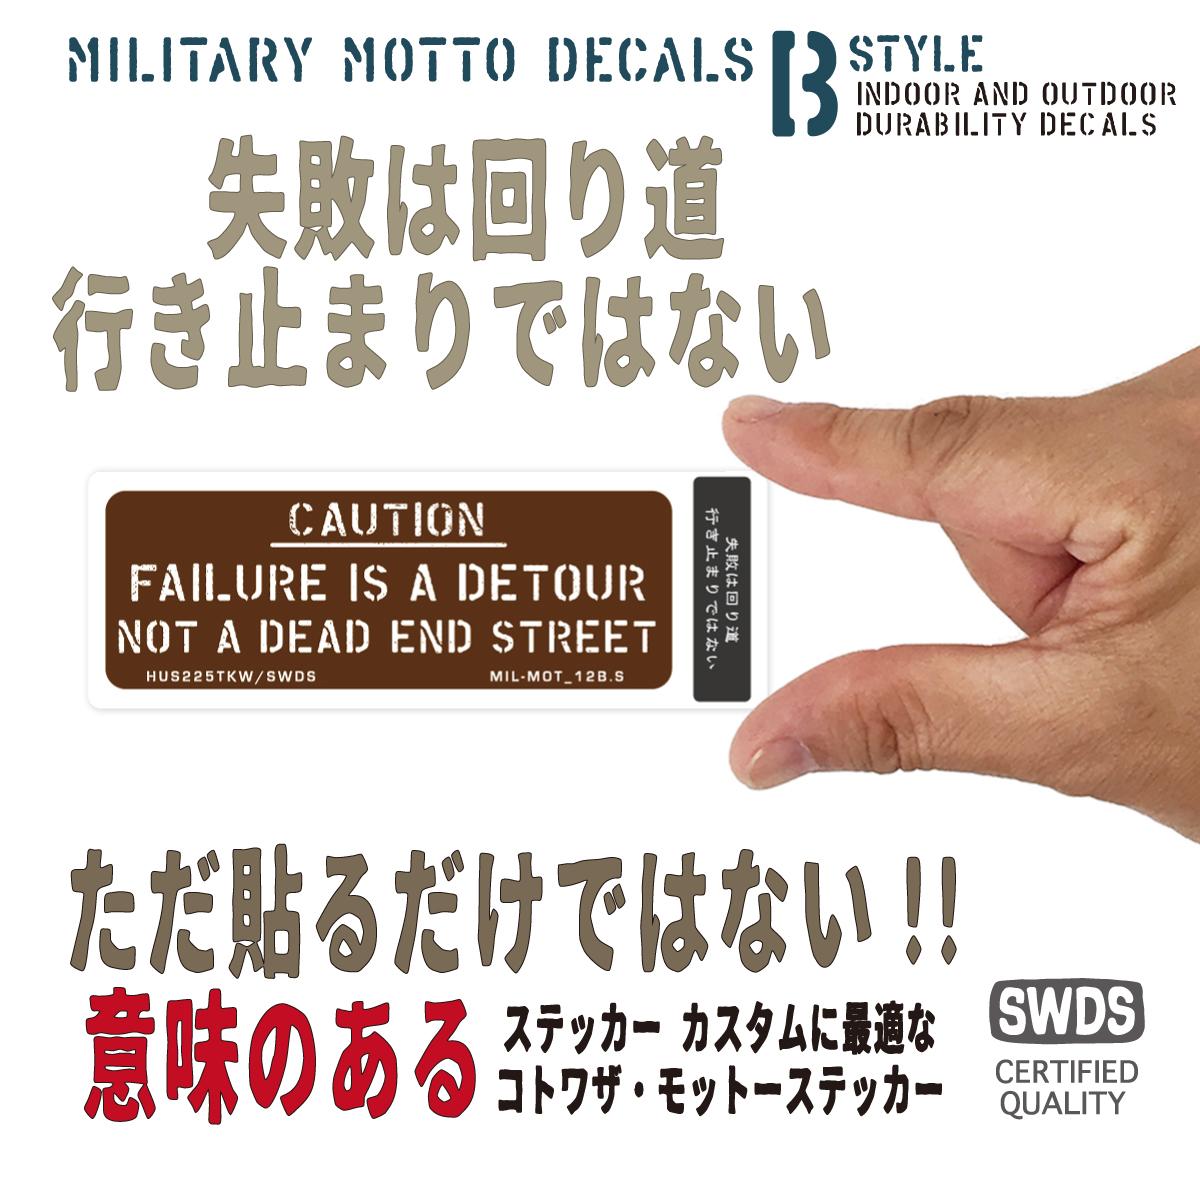 MIL-MOTB-S-012S